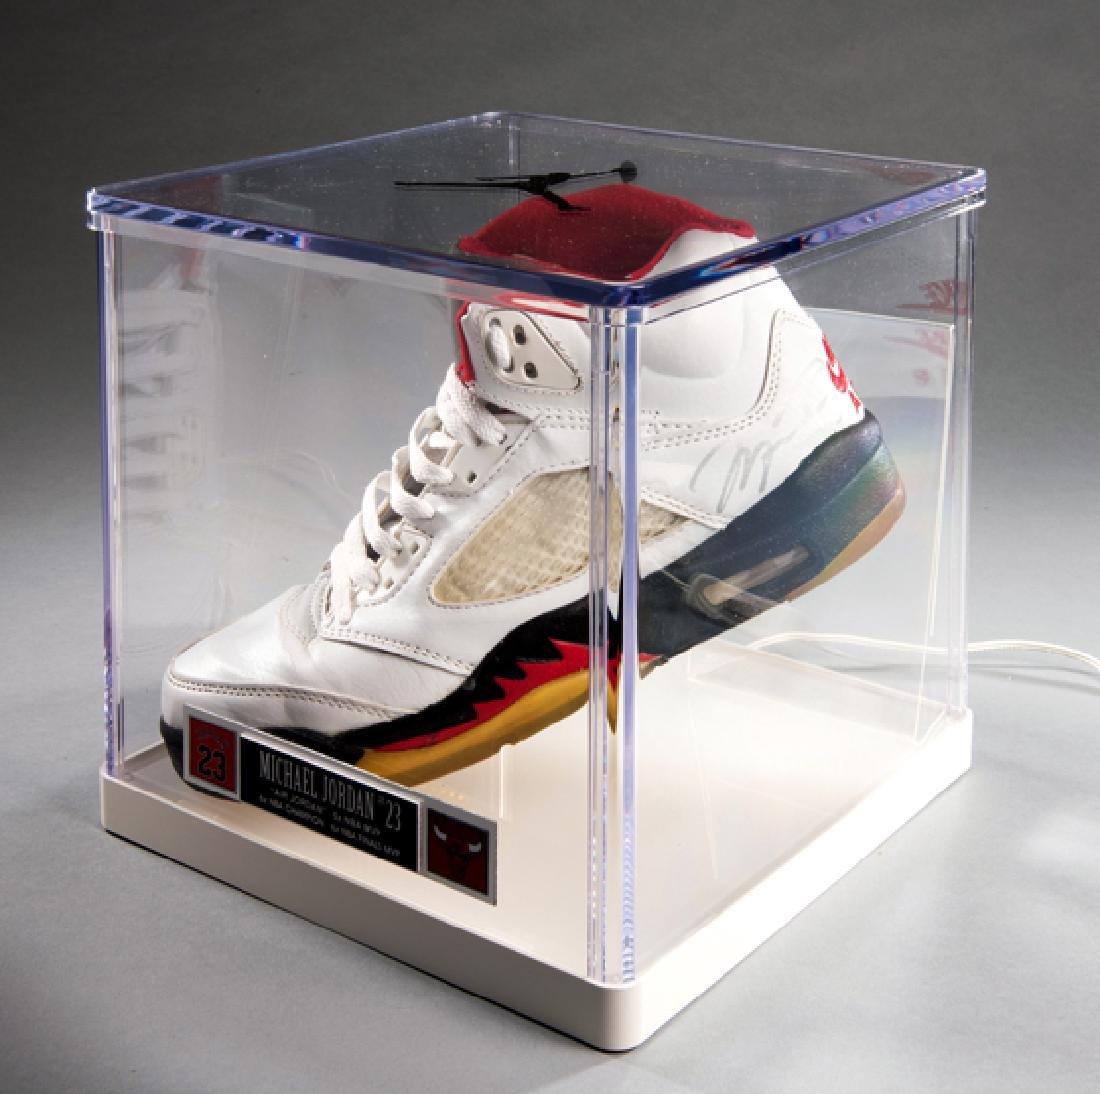 A Michael Jordan signed Nike Air Jordan basketball